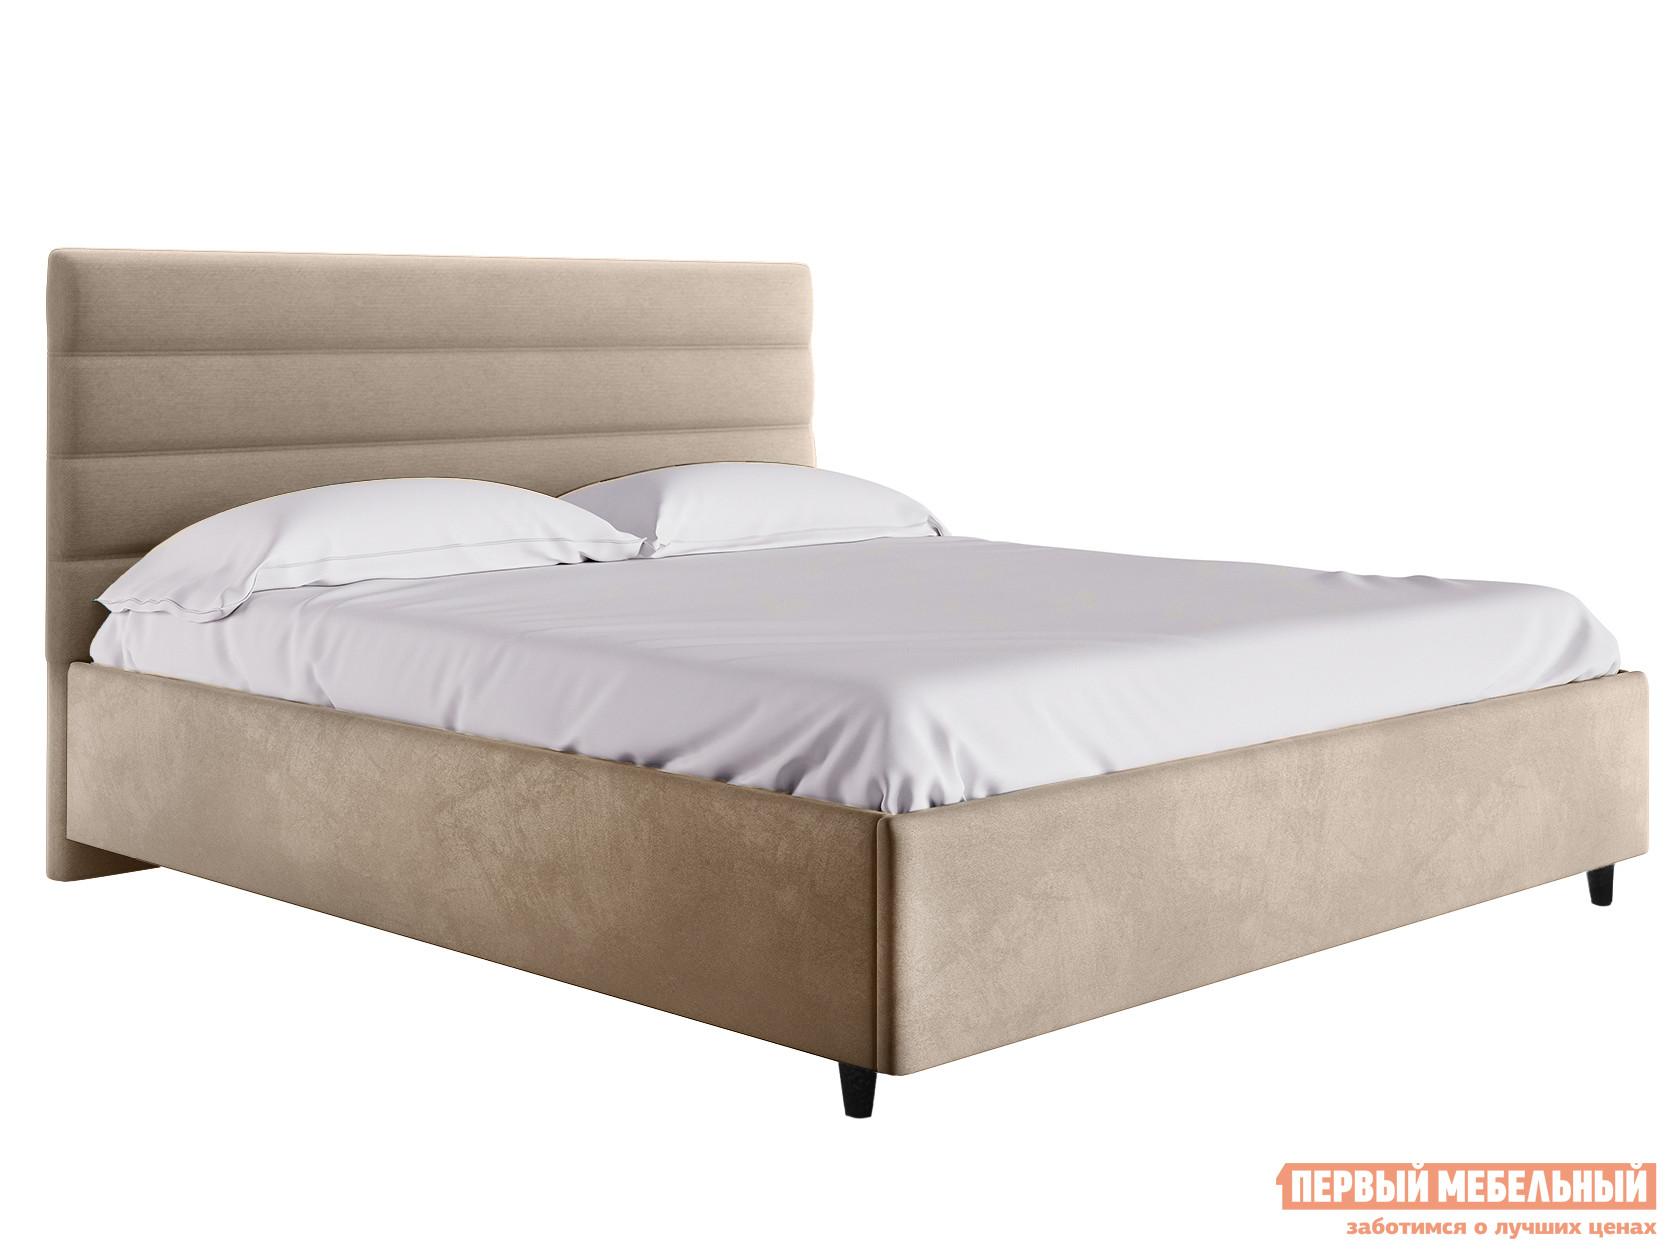 Двуспальная кровать  Кровать с подъемным механизмом Франческа ПМ Бежевый, велюр, 1400 Х 2000 мм